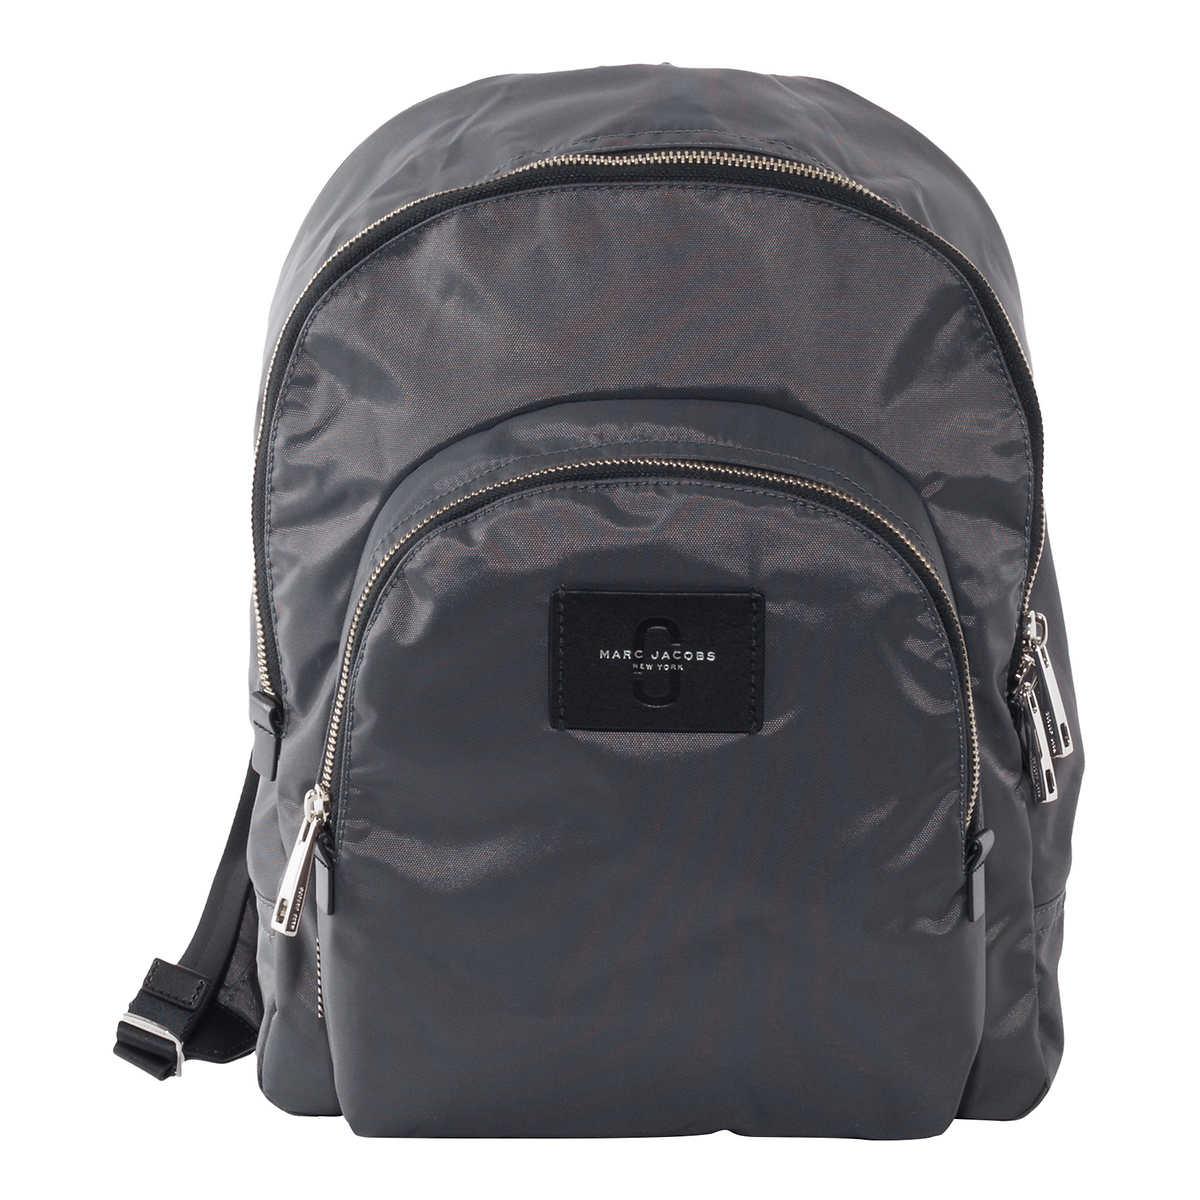 f0d22e19e Roseglennorthdakota / Try These High Sierra Backpack Costco Uk